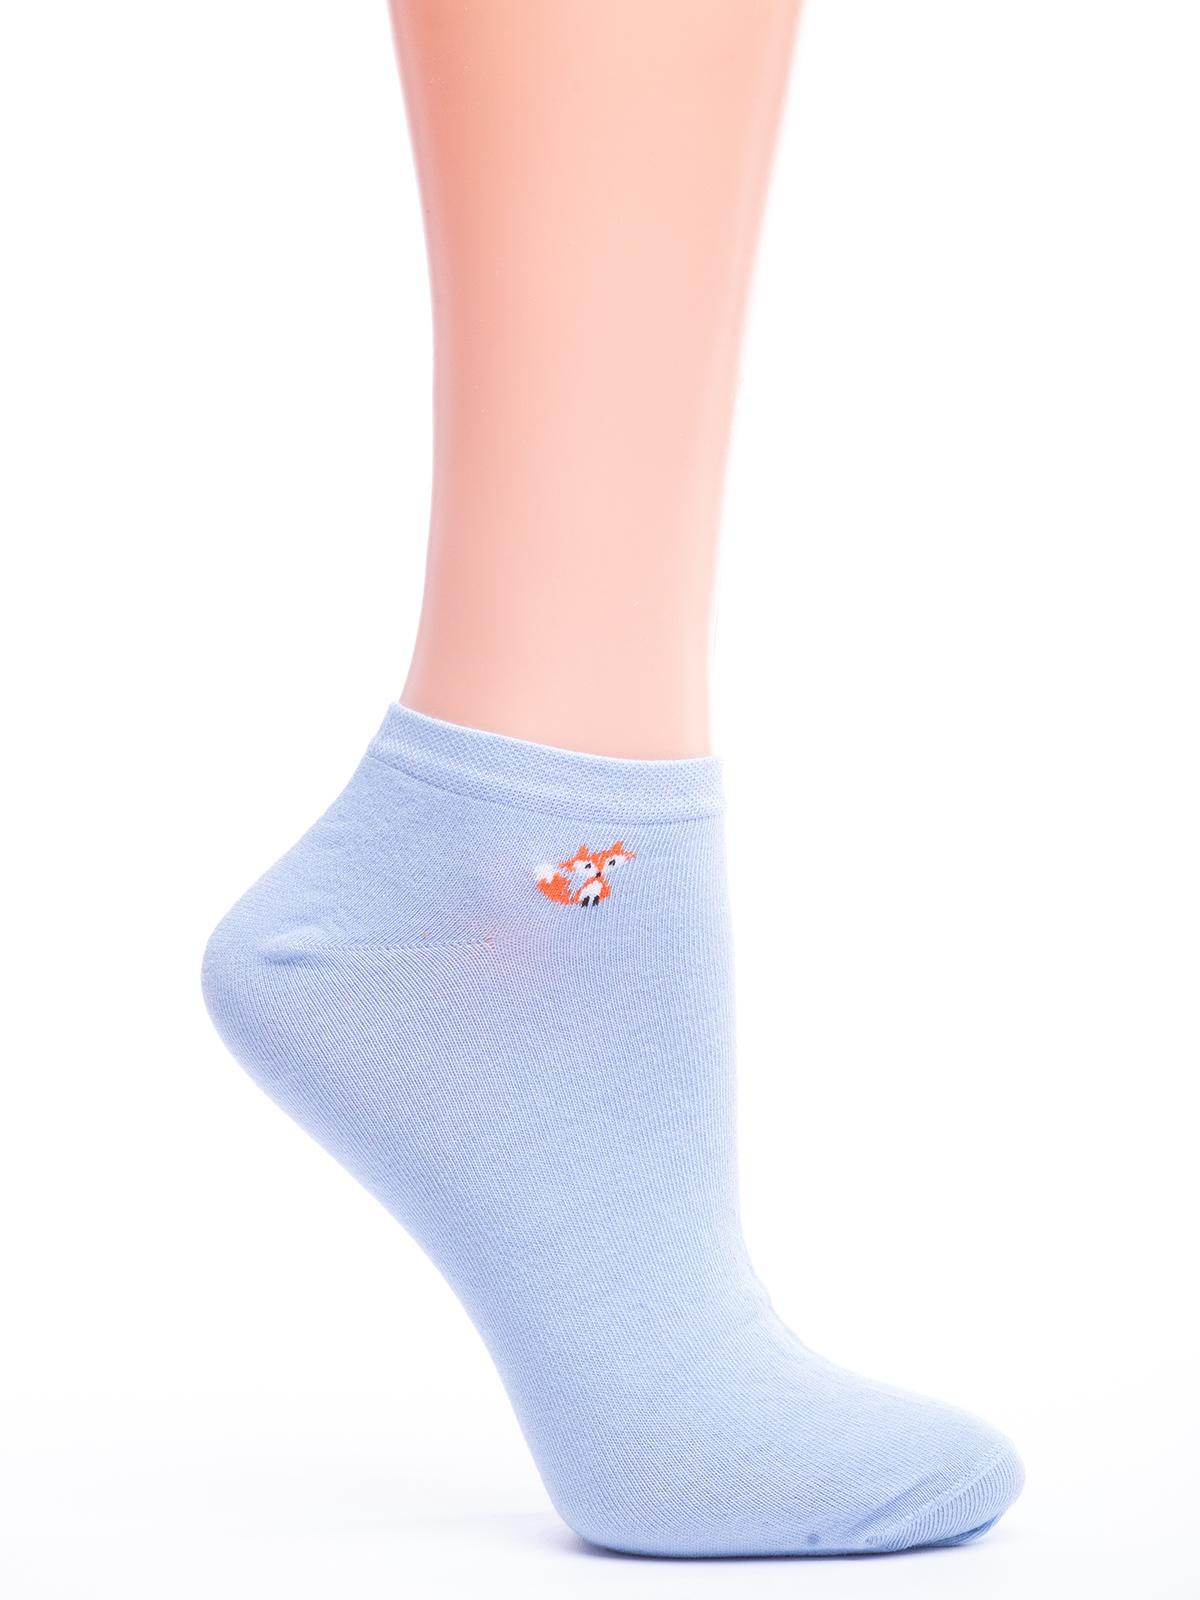 Носки женские Giulia голубые 36-38